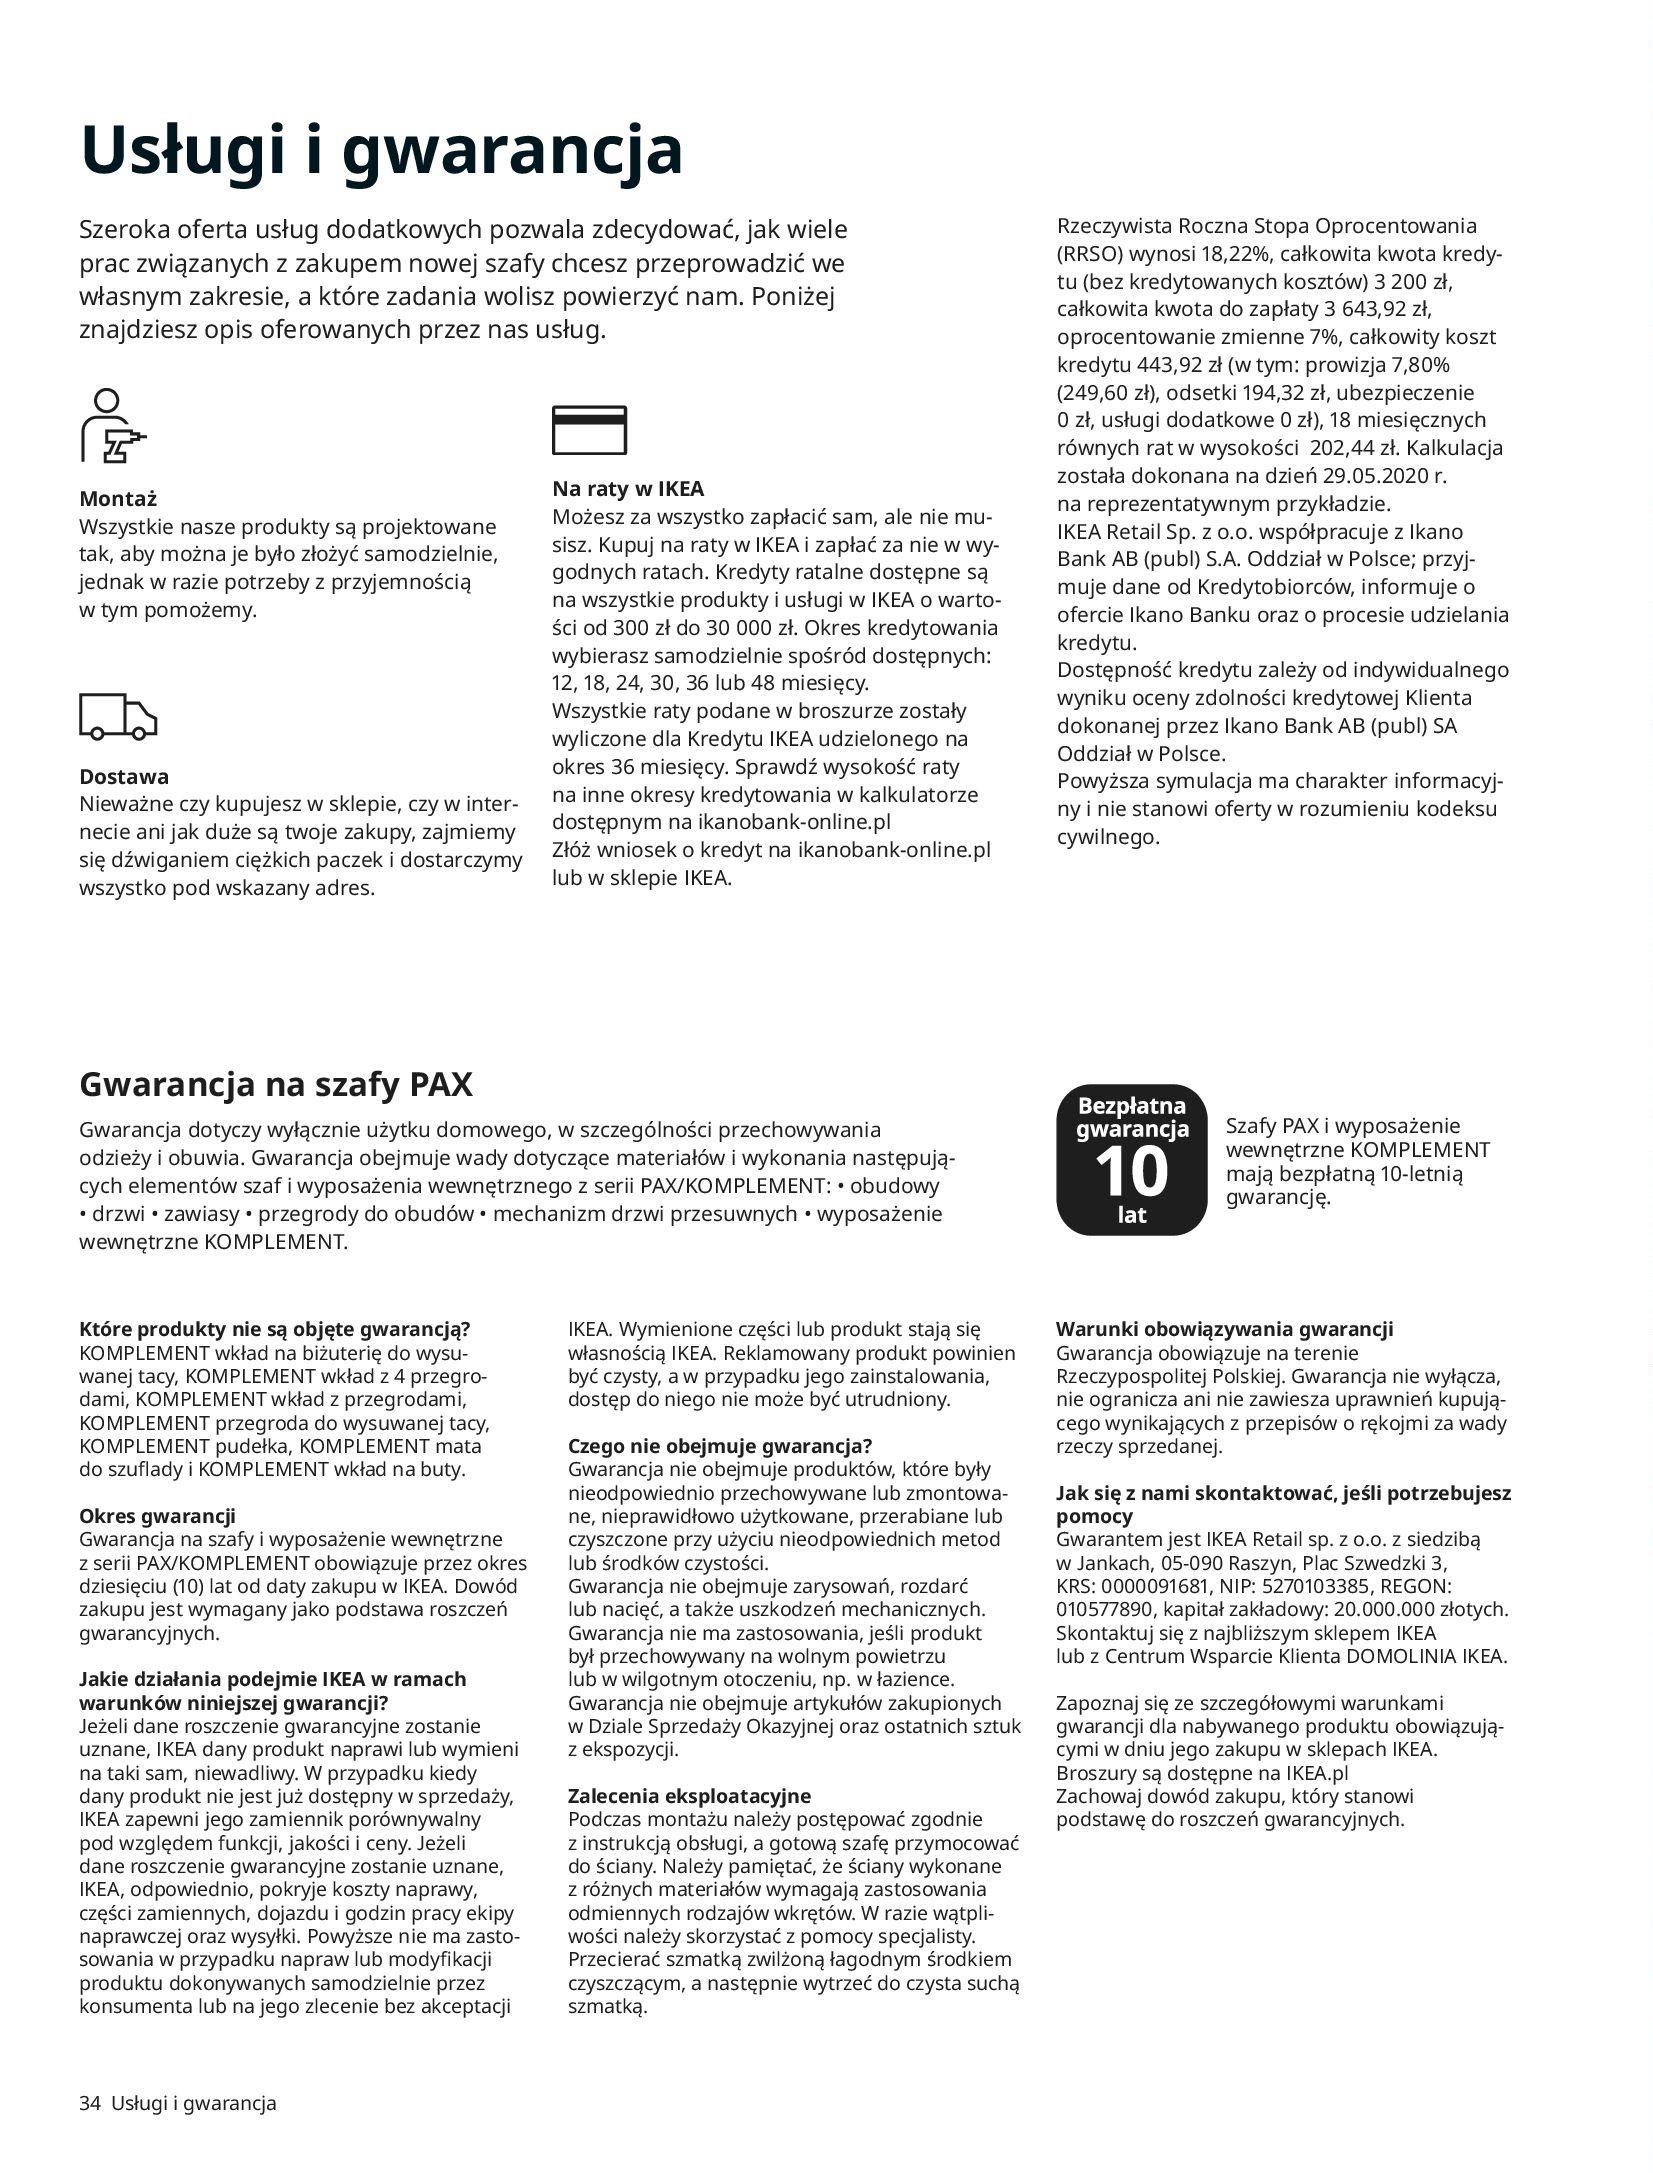 Gazetka IKEA: SZAFY 2021 2021-01-13 page-34